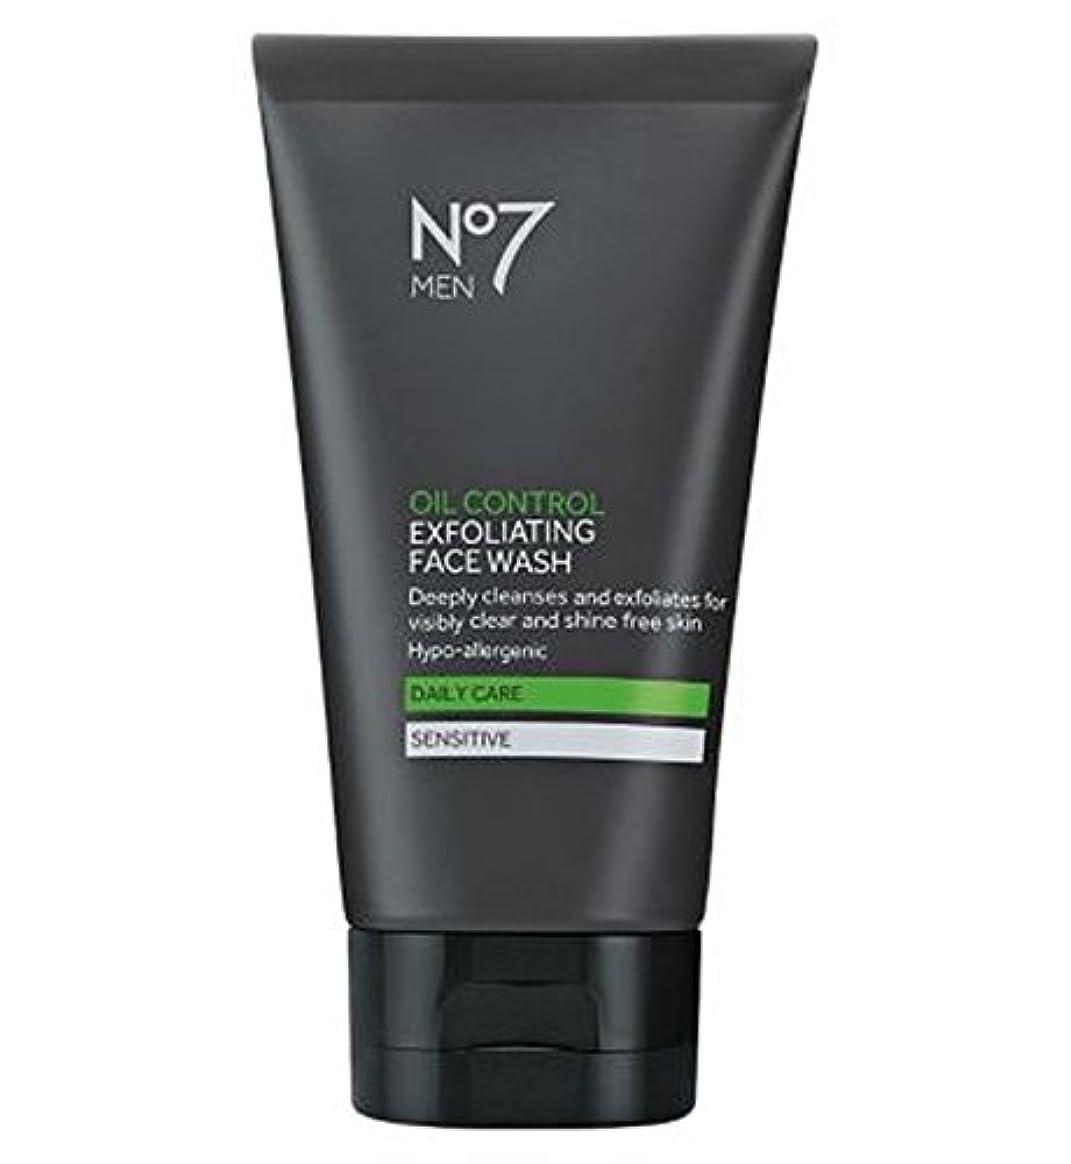 検出可能手足アンビエントNo7男性オイルコントロールフェイスウォッシュ150ミリリットル (No7) (x2) - No7 Men Oil Control Face Wash 150ml (Pack of 2) [並行輸入品]